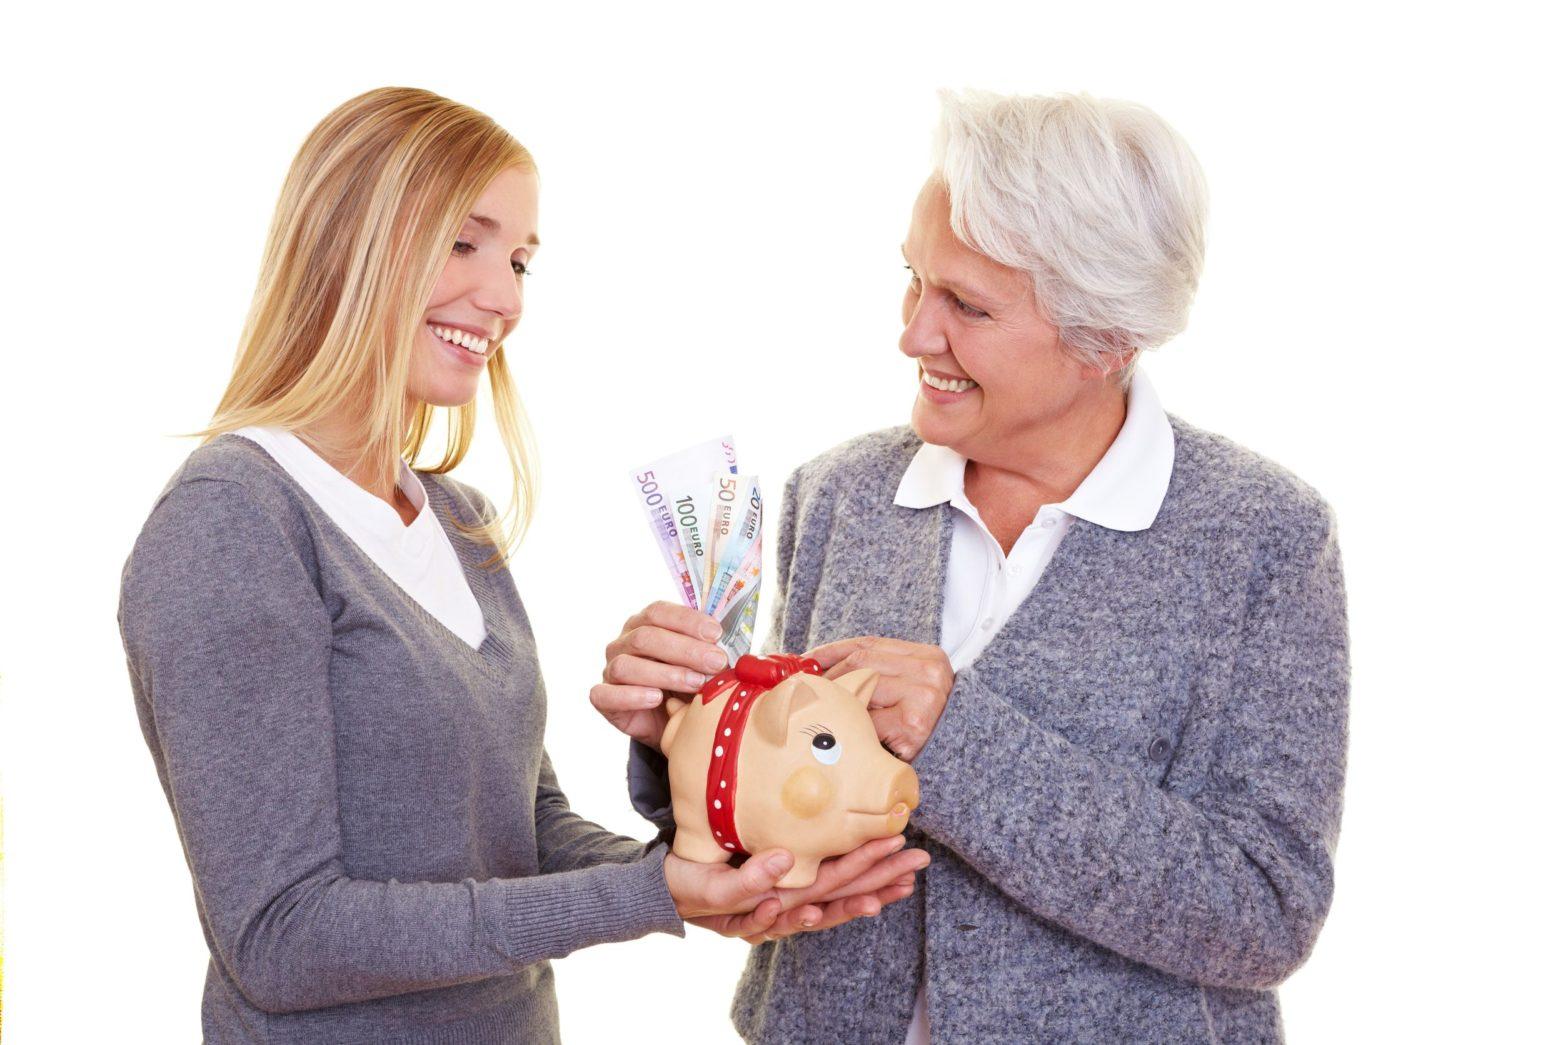 Private Pensionsvorsorge ist empfehlenswert, um auch im Alter den Lebensstandard halten zu können.